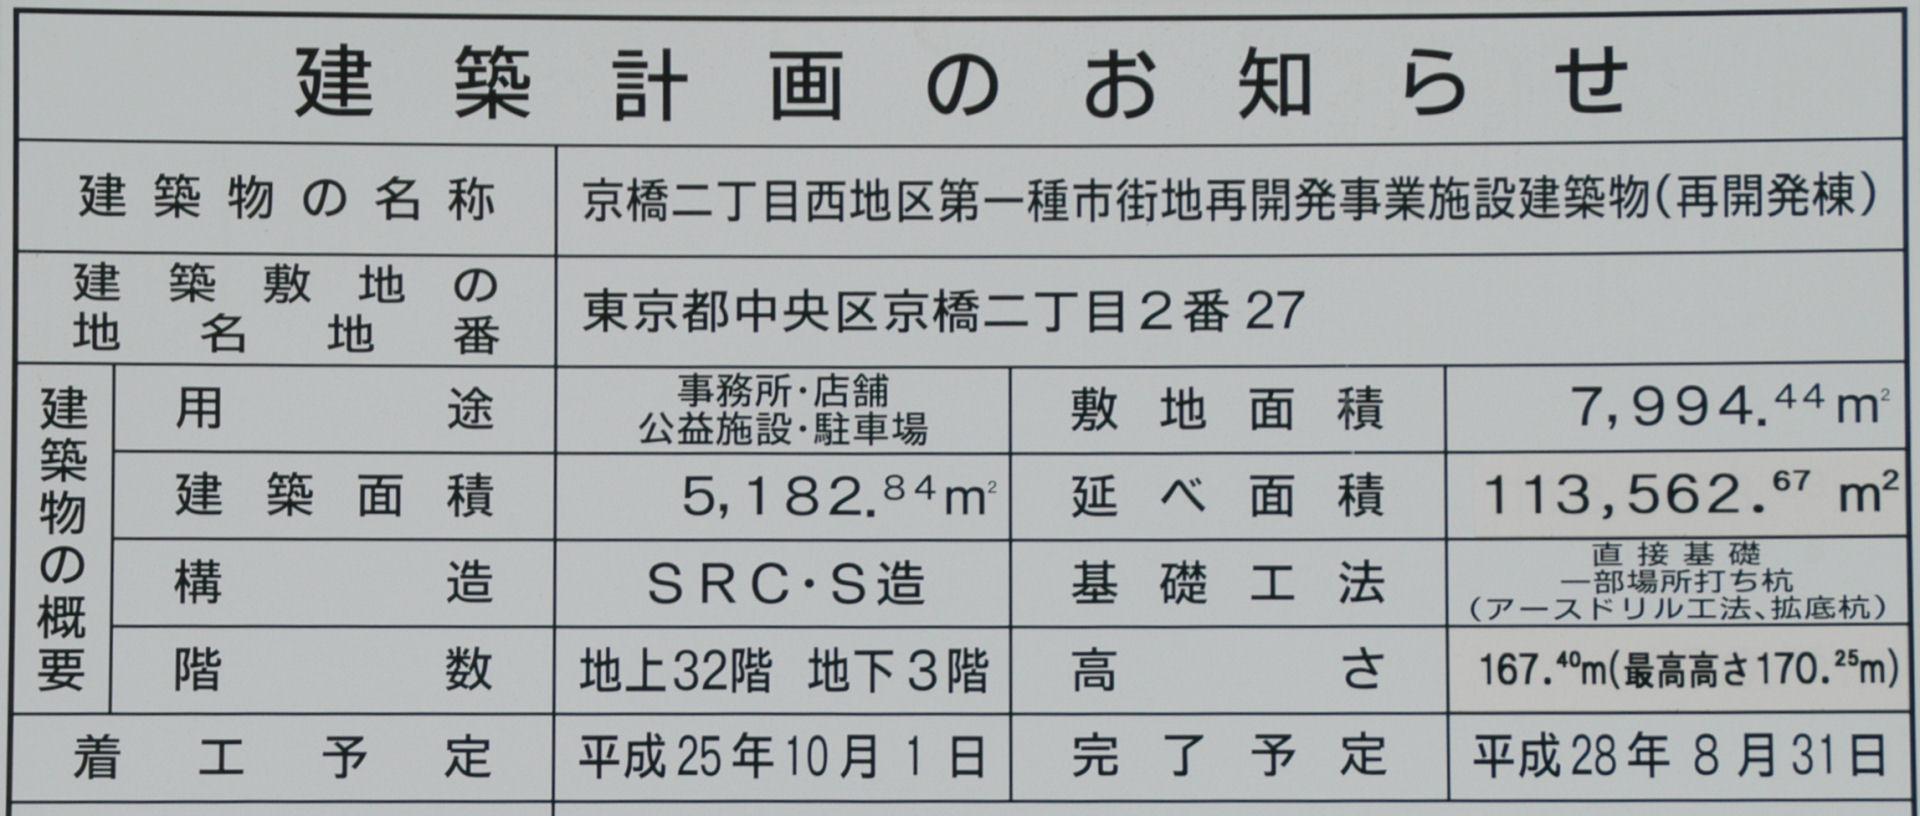 kyobashi2c13080032.jpg